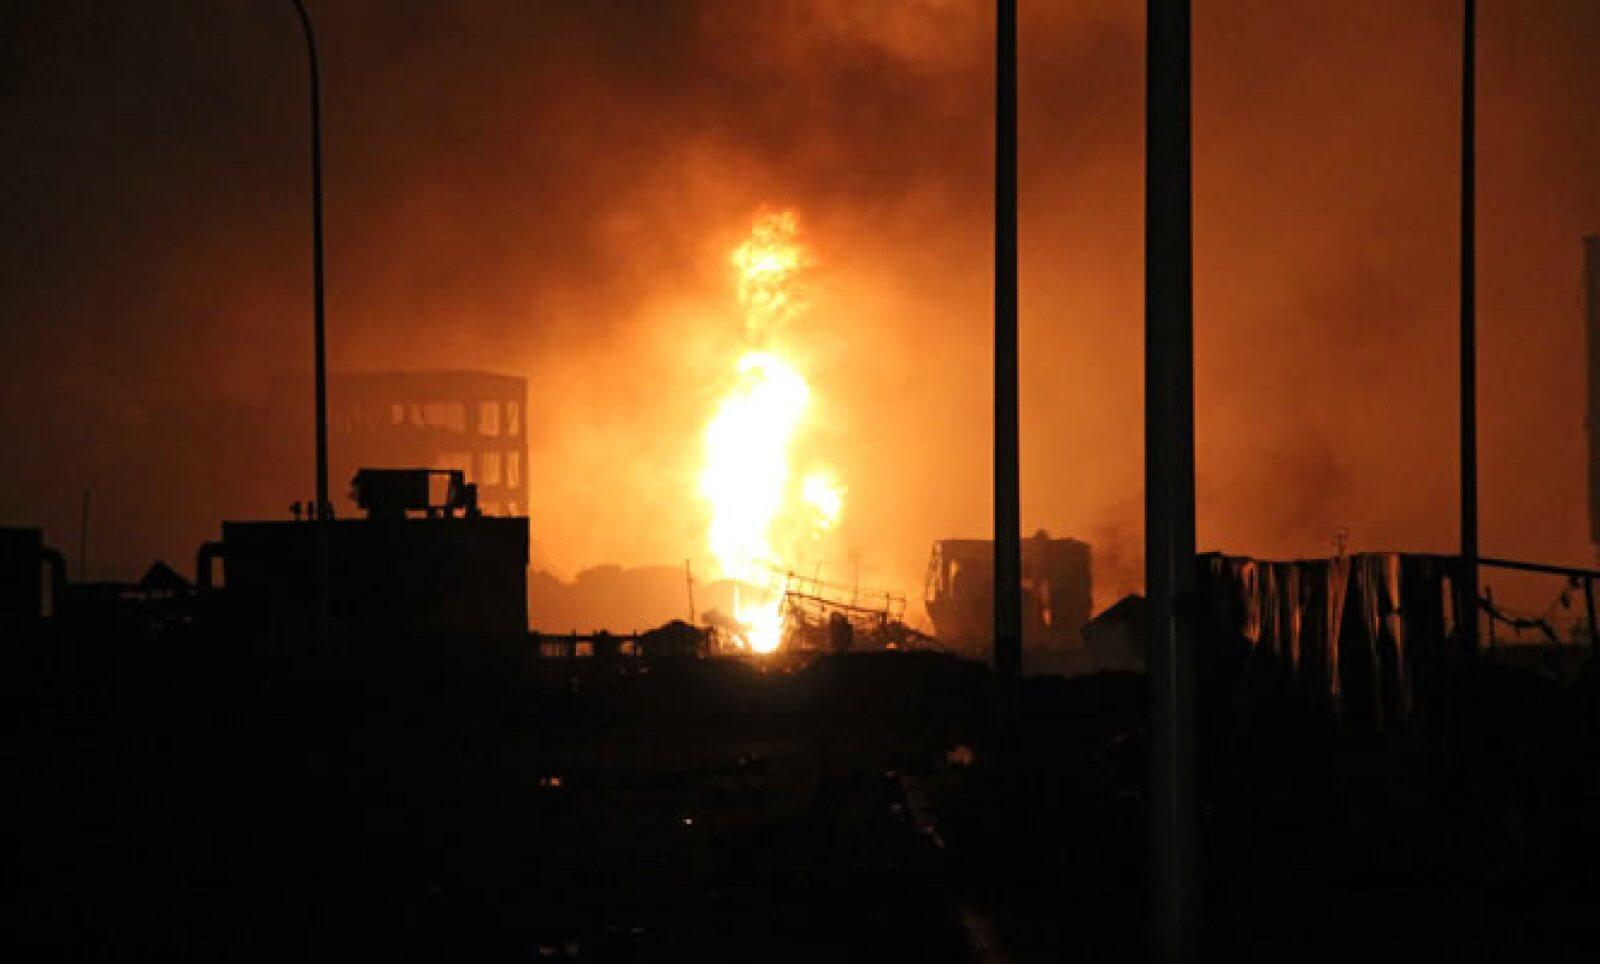 La bola de fuego alcanzó hasta 100 metros de altura, según pobladores.